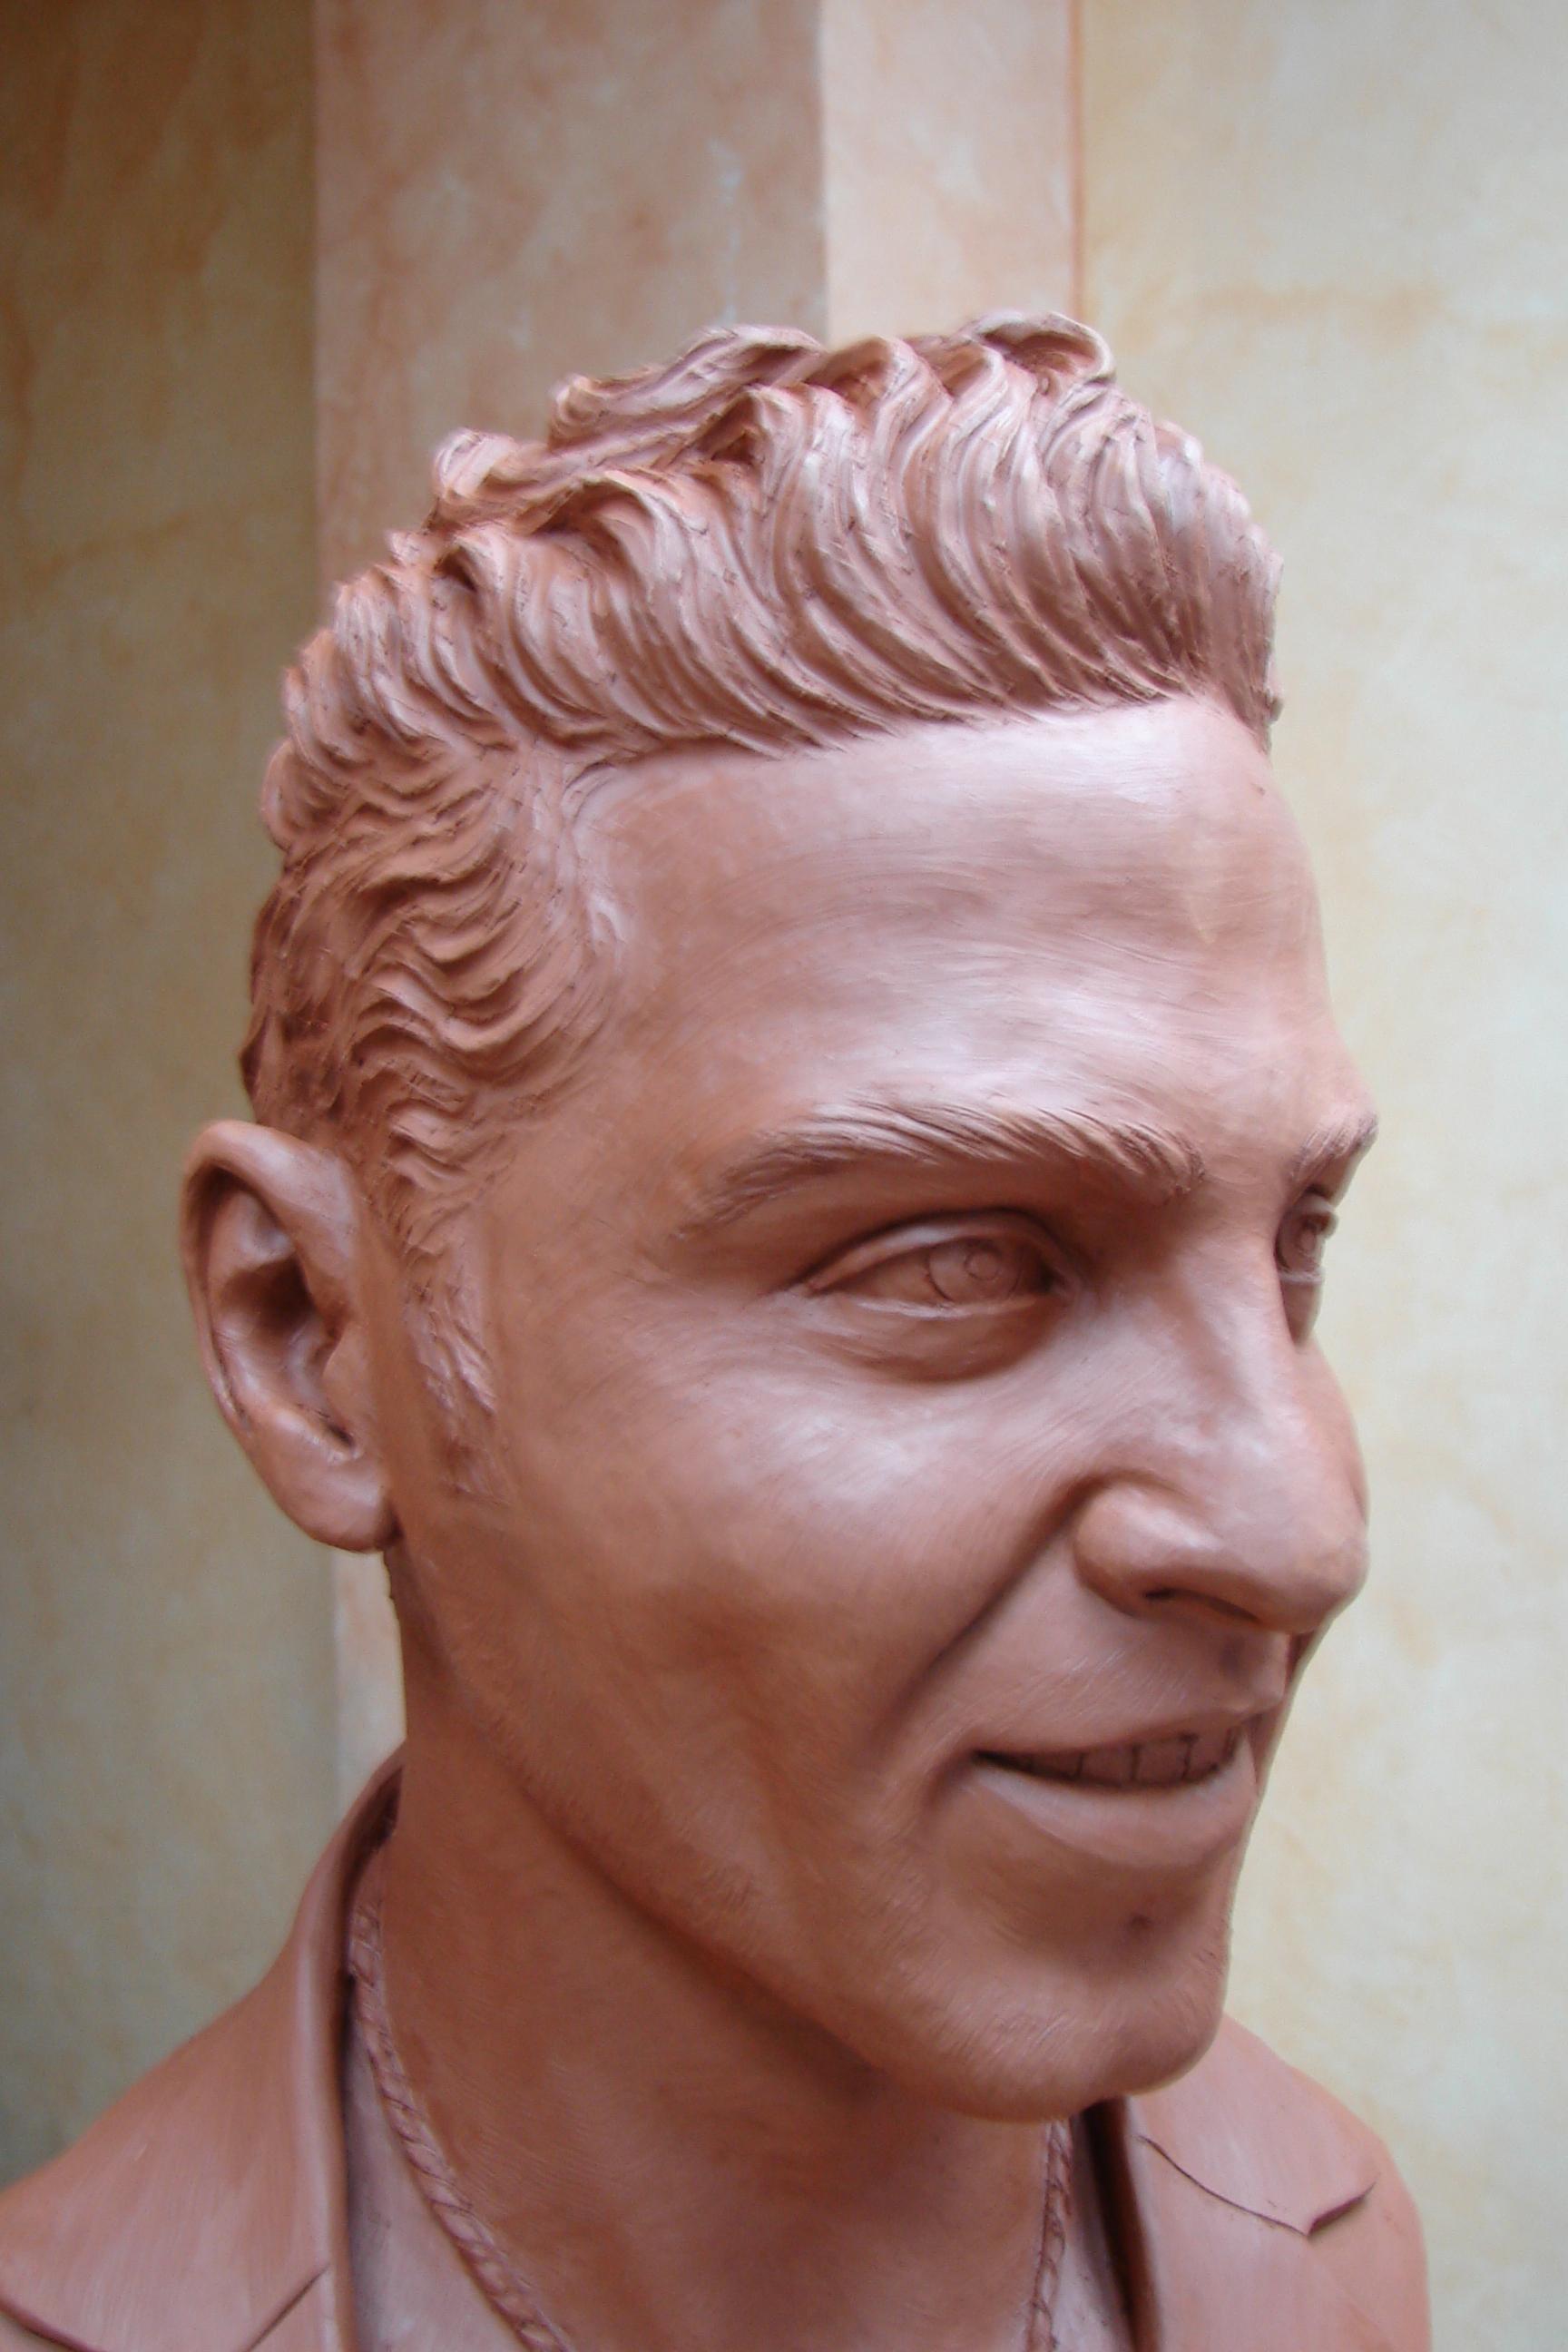 Regalo de busto al cantante David Bisbal